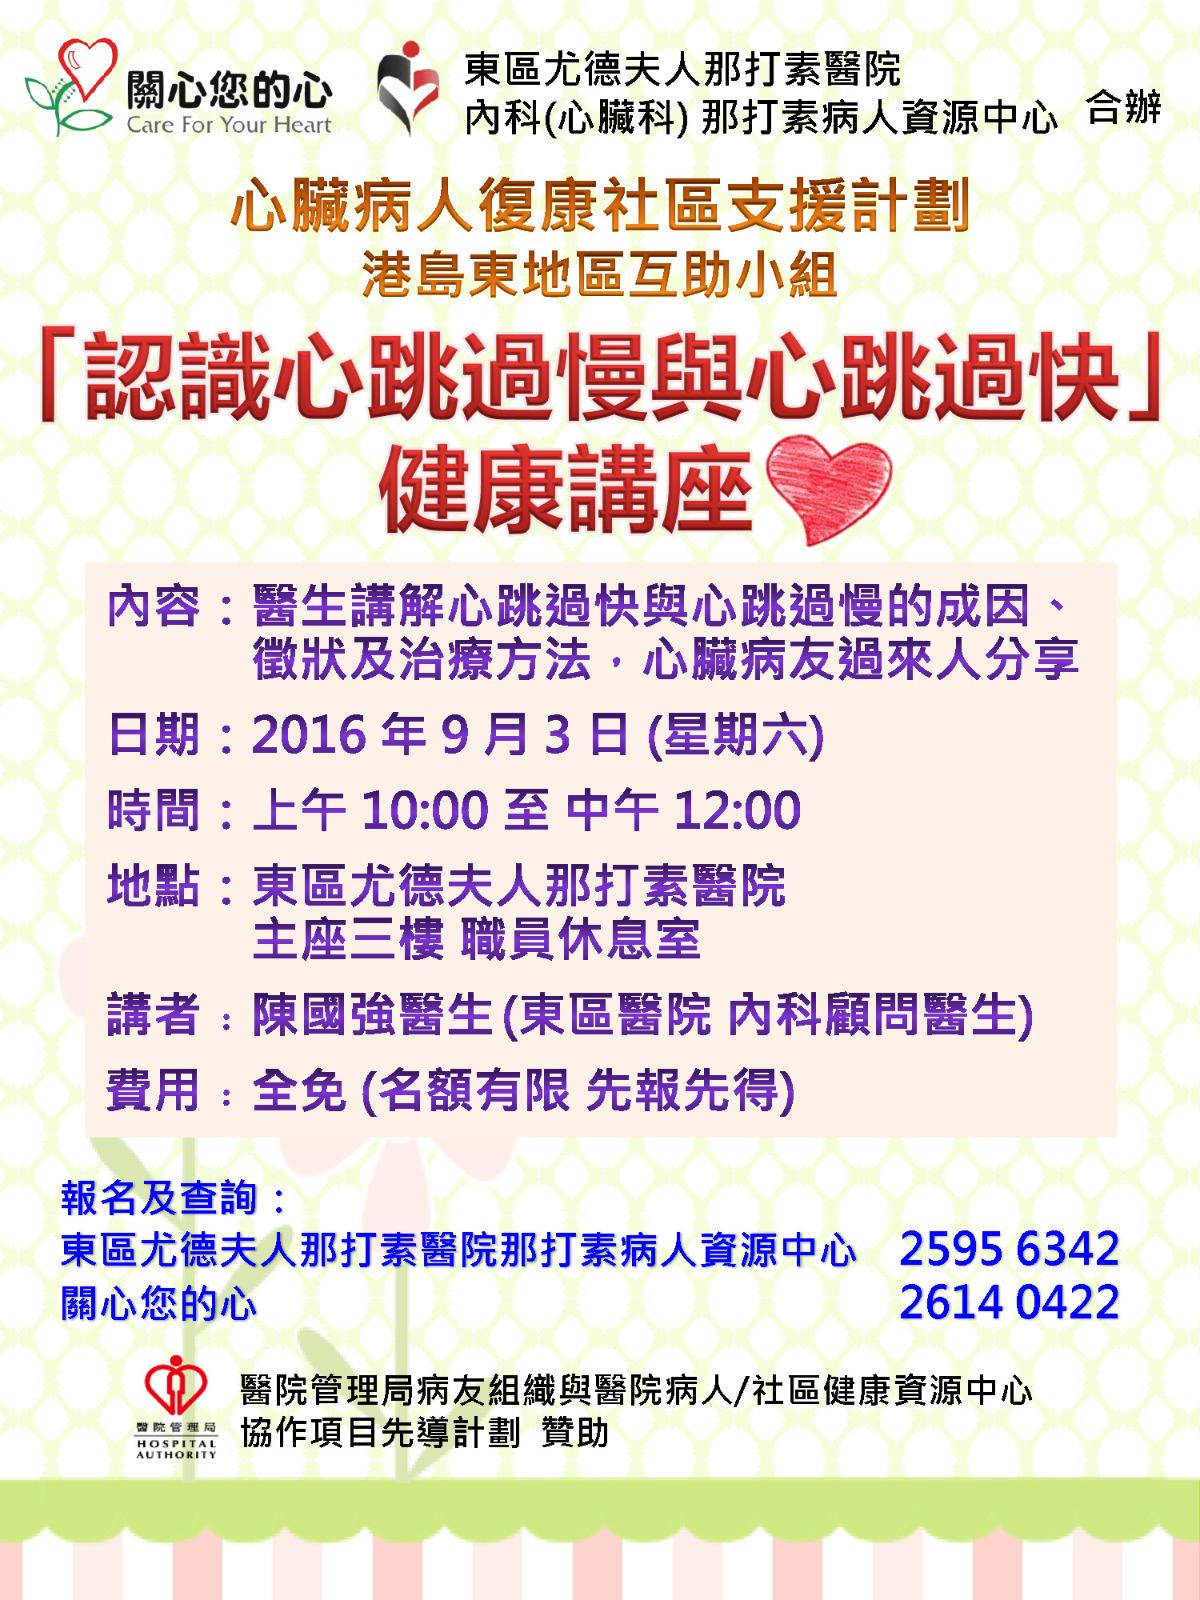 2016-09-03 東區醫院 – 心臟病人復康社區支援計劃 「認識心跳過快與心跳過慢」健康講座